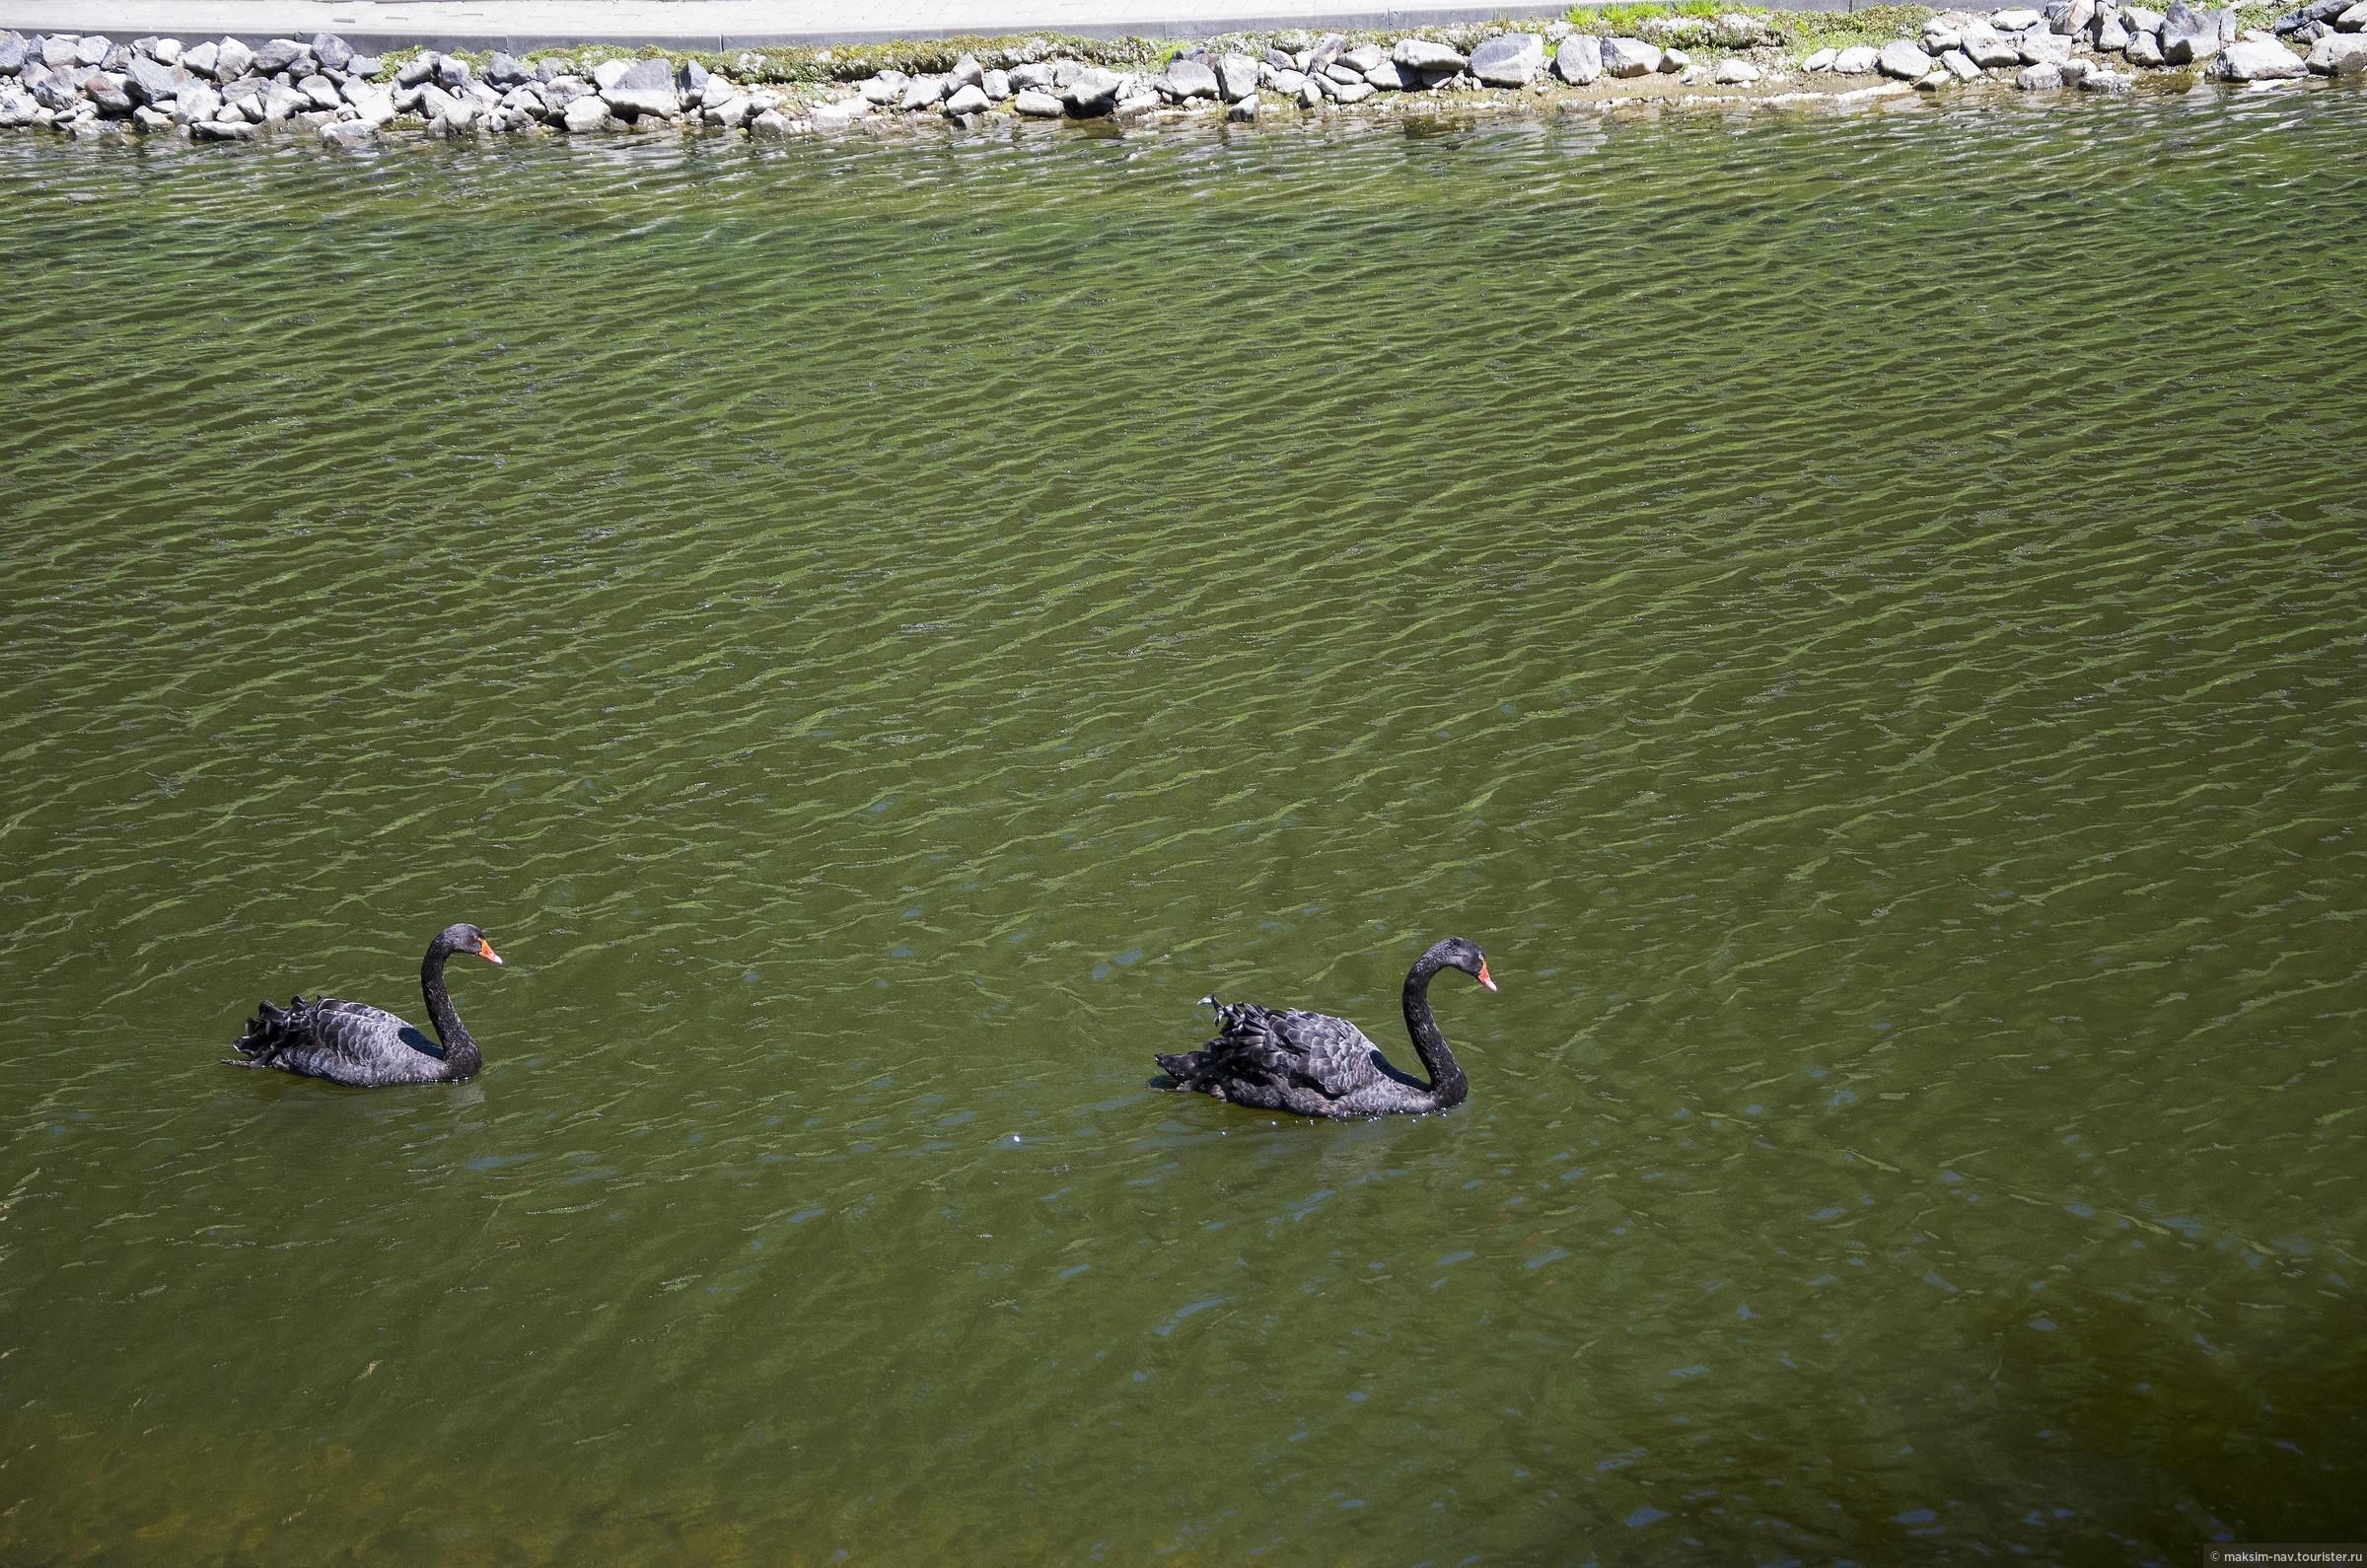 Чёрные лебеди, помимо окраски оперения, отличаются от своих ближайших родственников более длинной шеей за счёт  бОльшего количества шейных позвонков., Гомельский дворцово-парковый ансамбль.